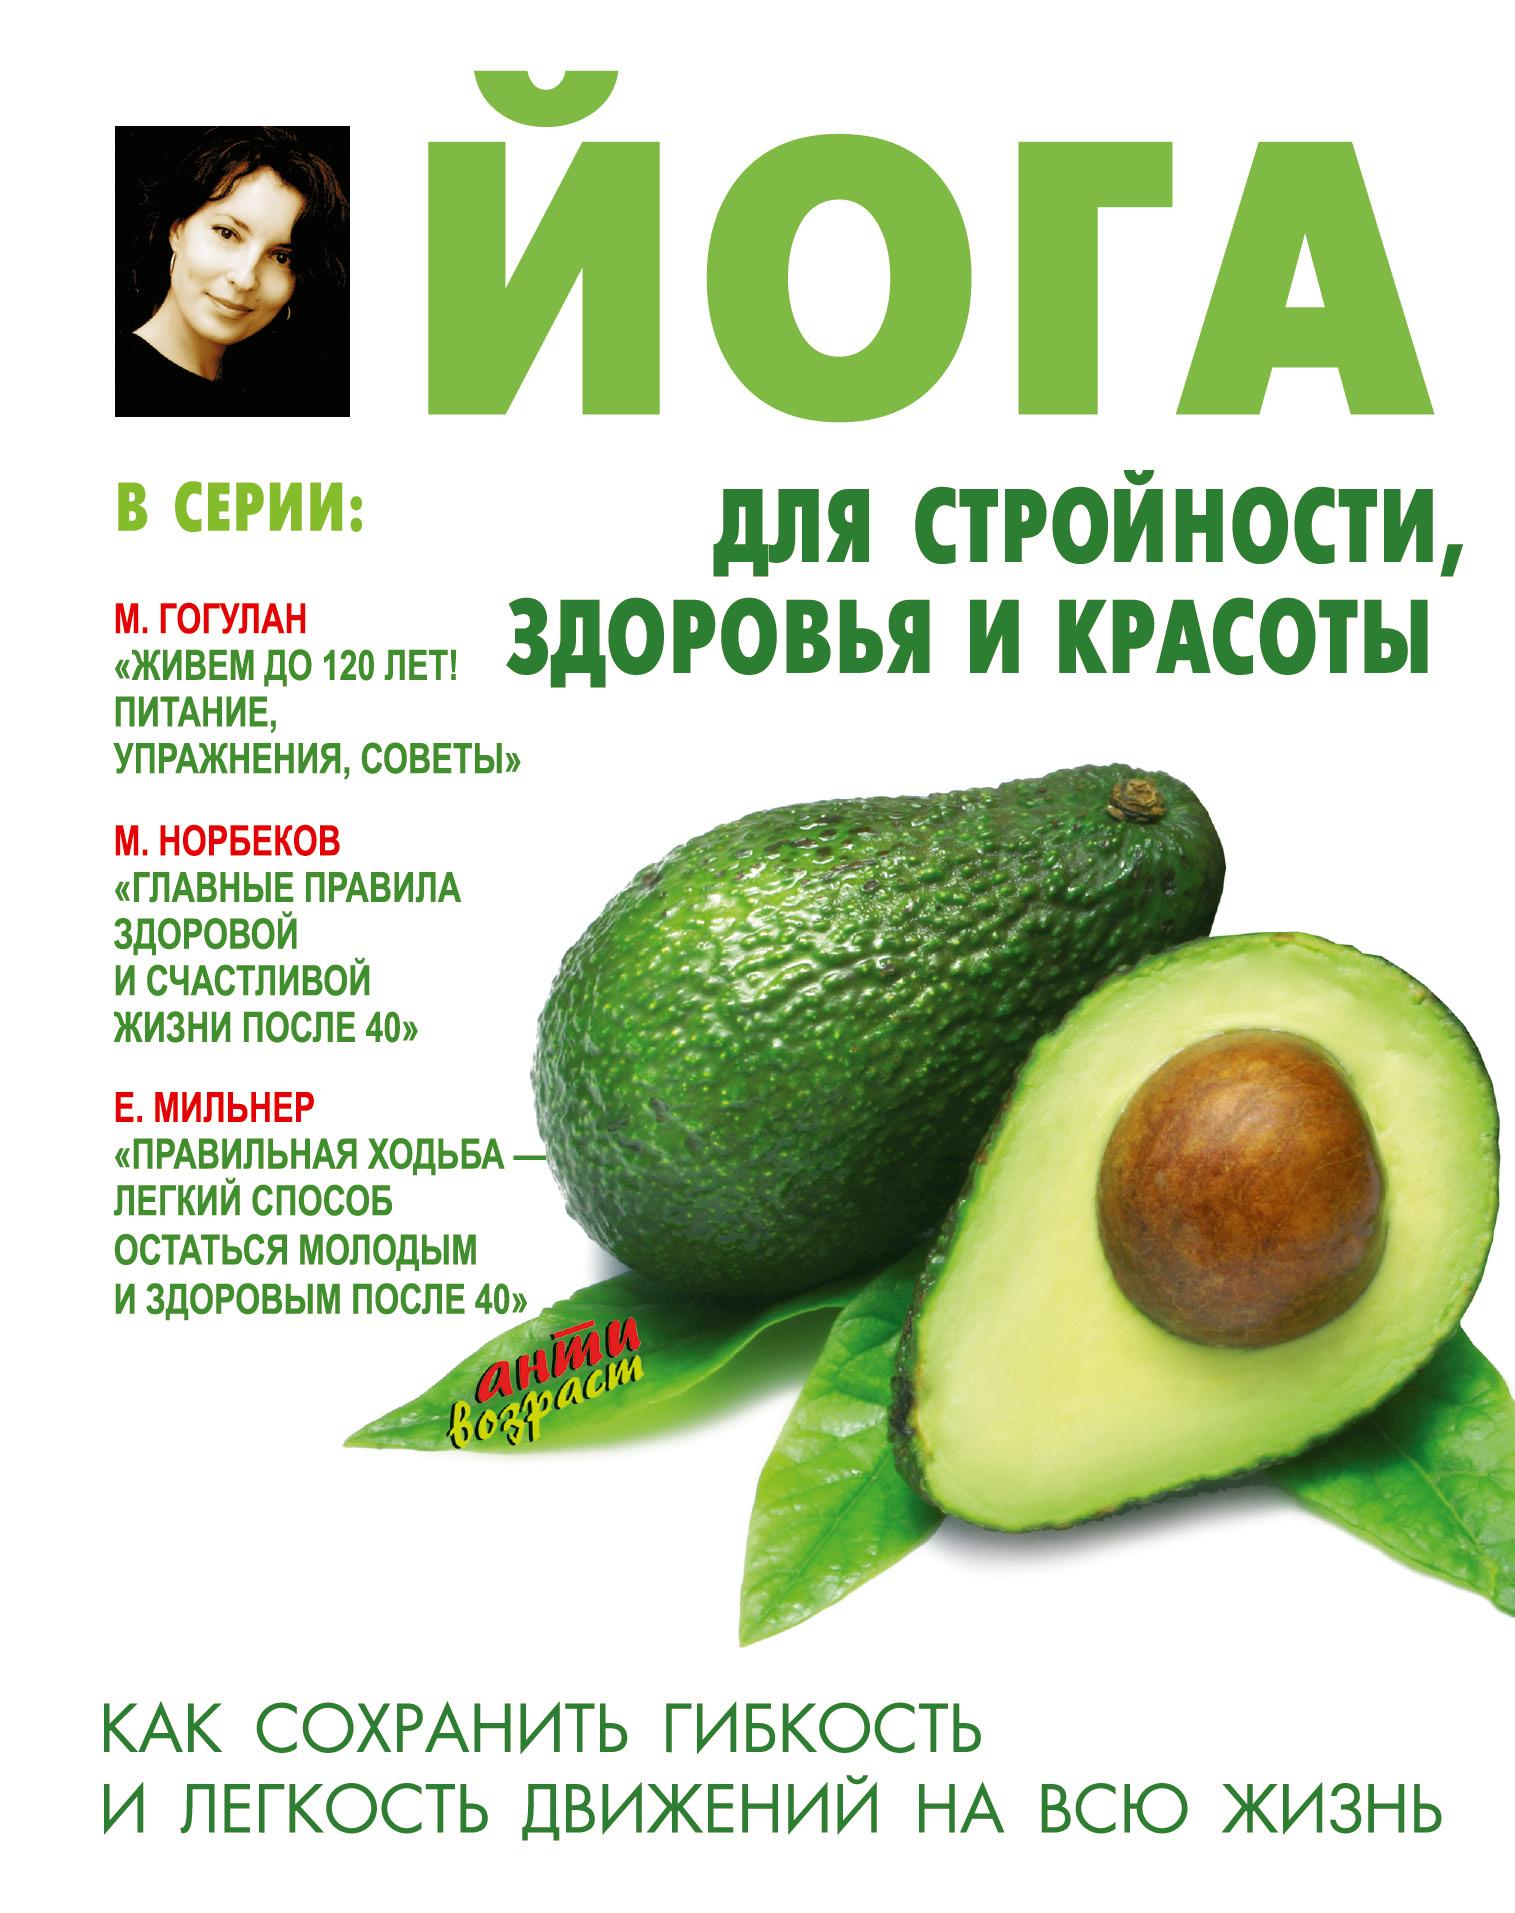 Йога для стройности, здоровья и красоты от book24.ru